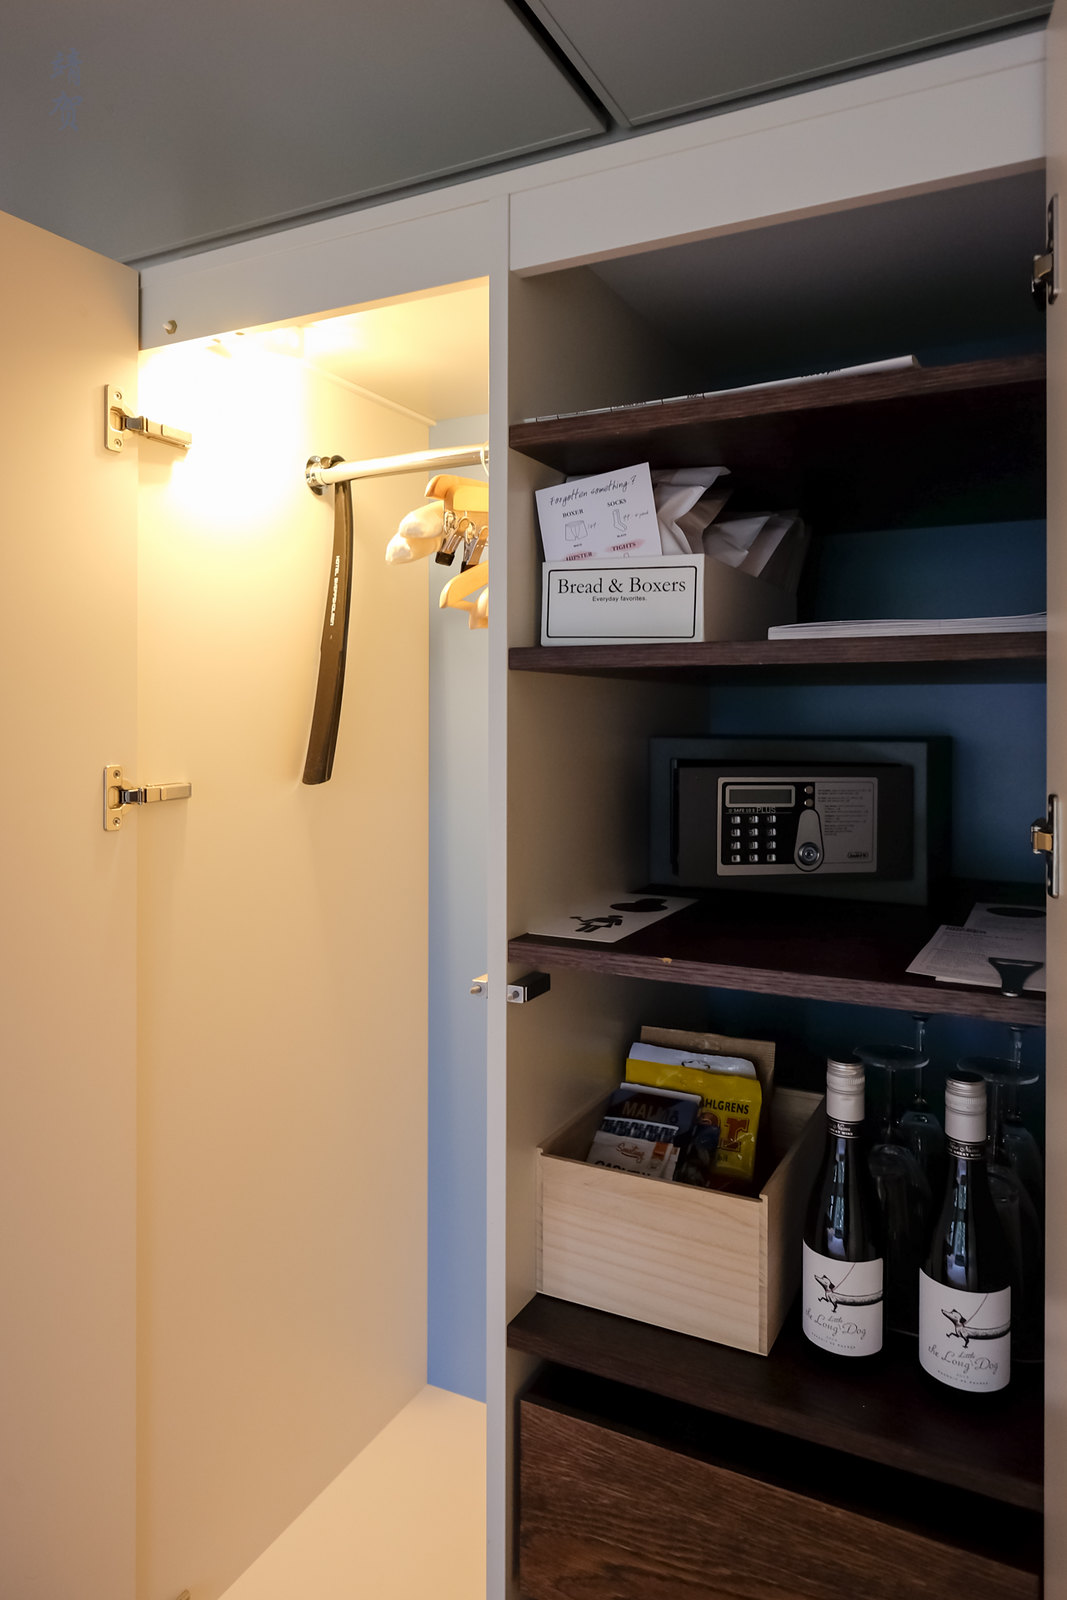 Minibar and closet